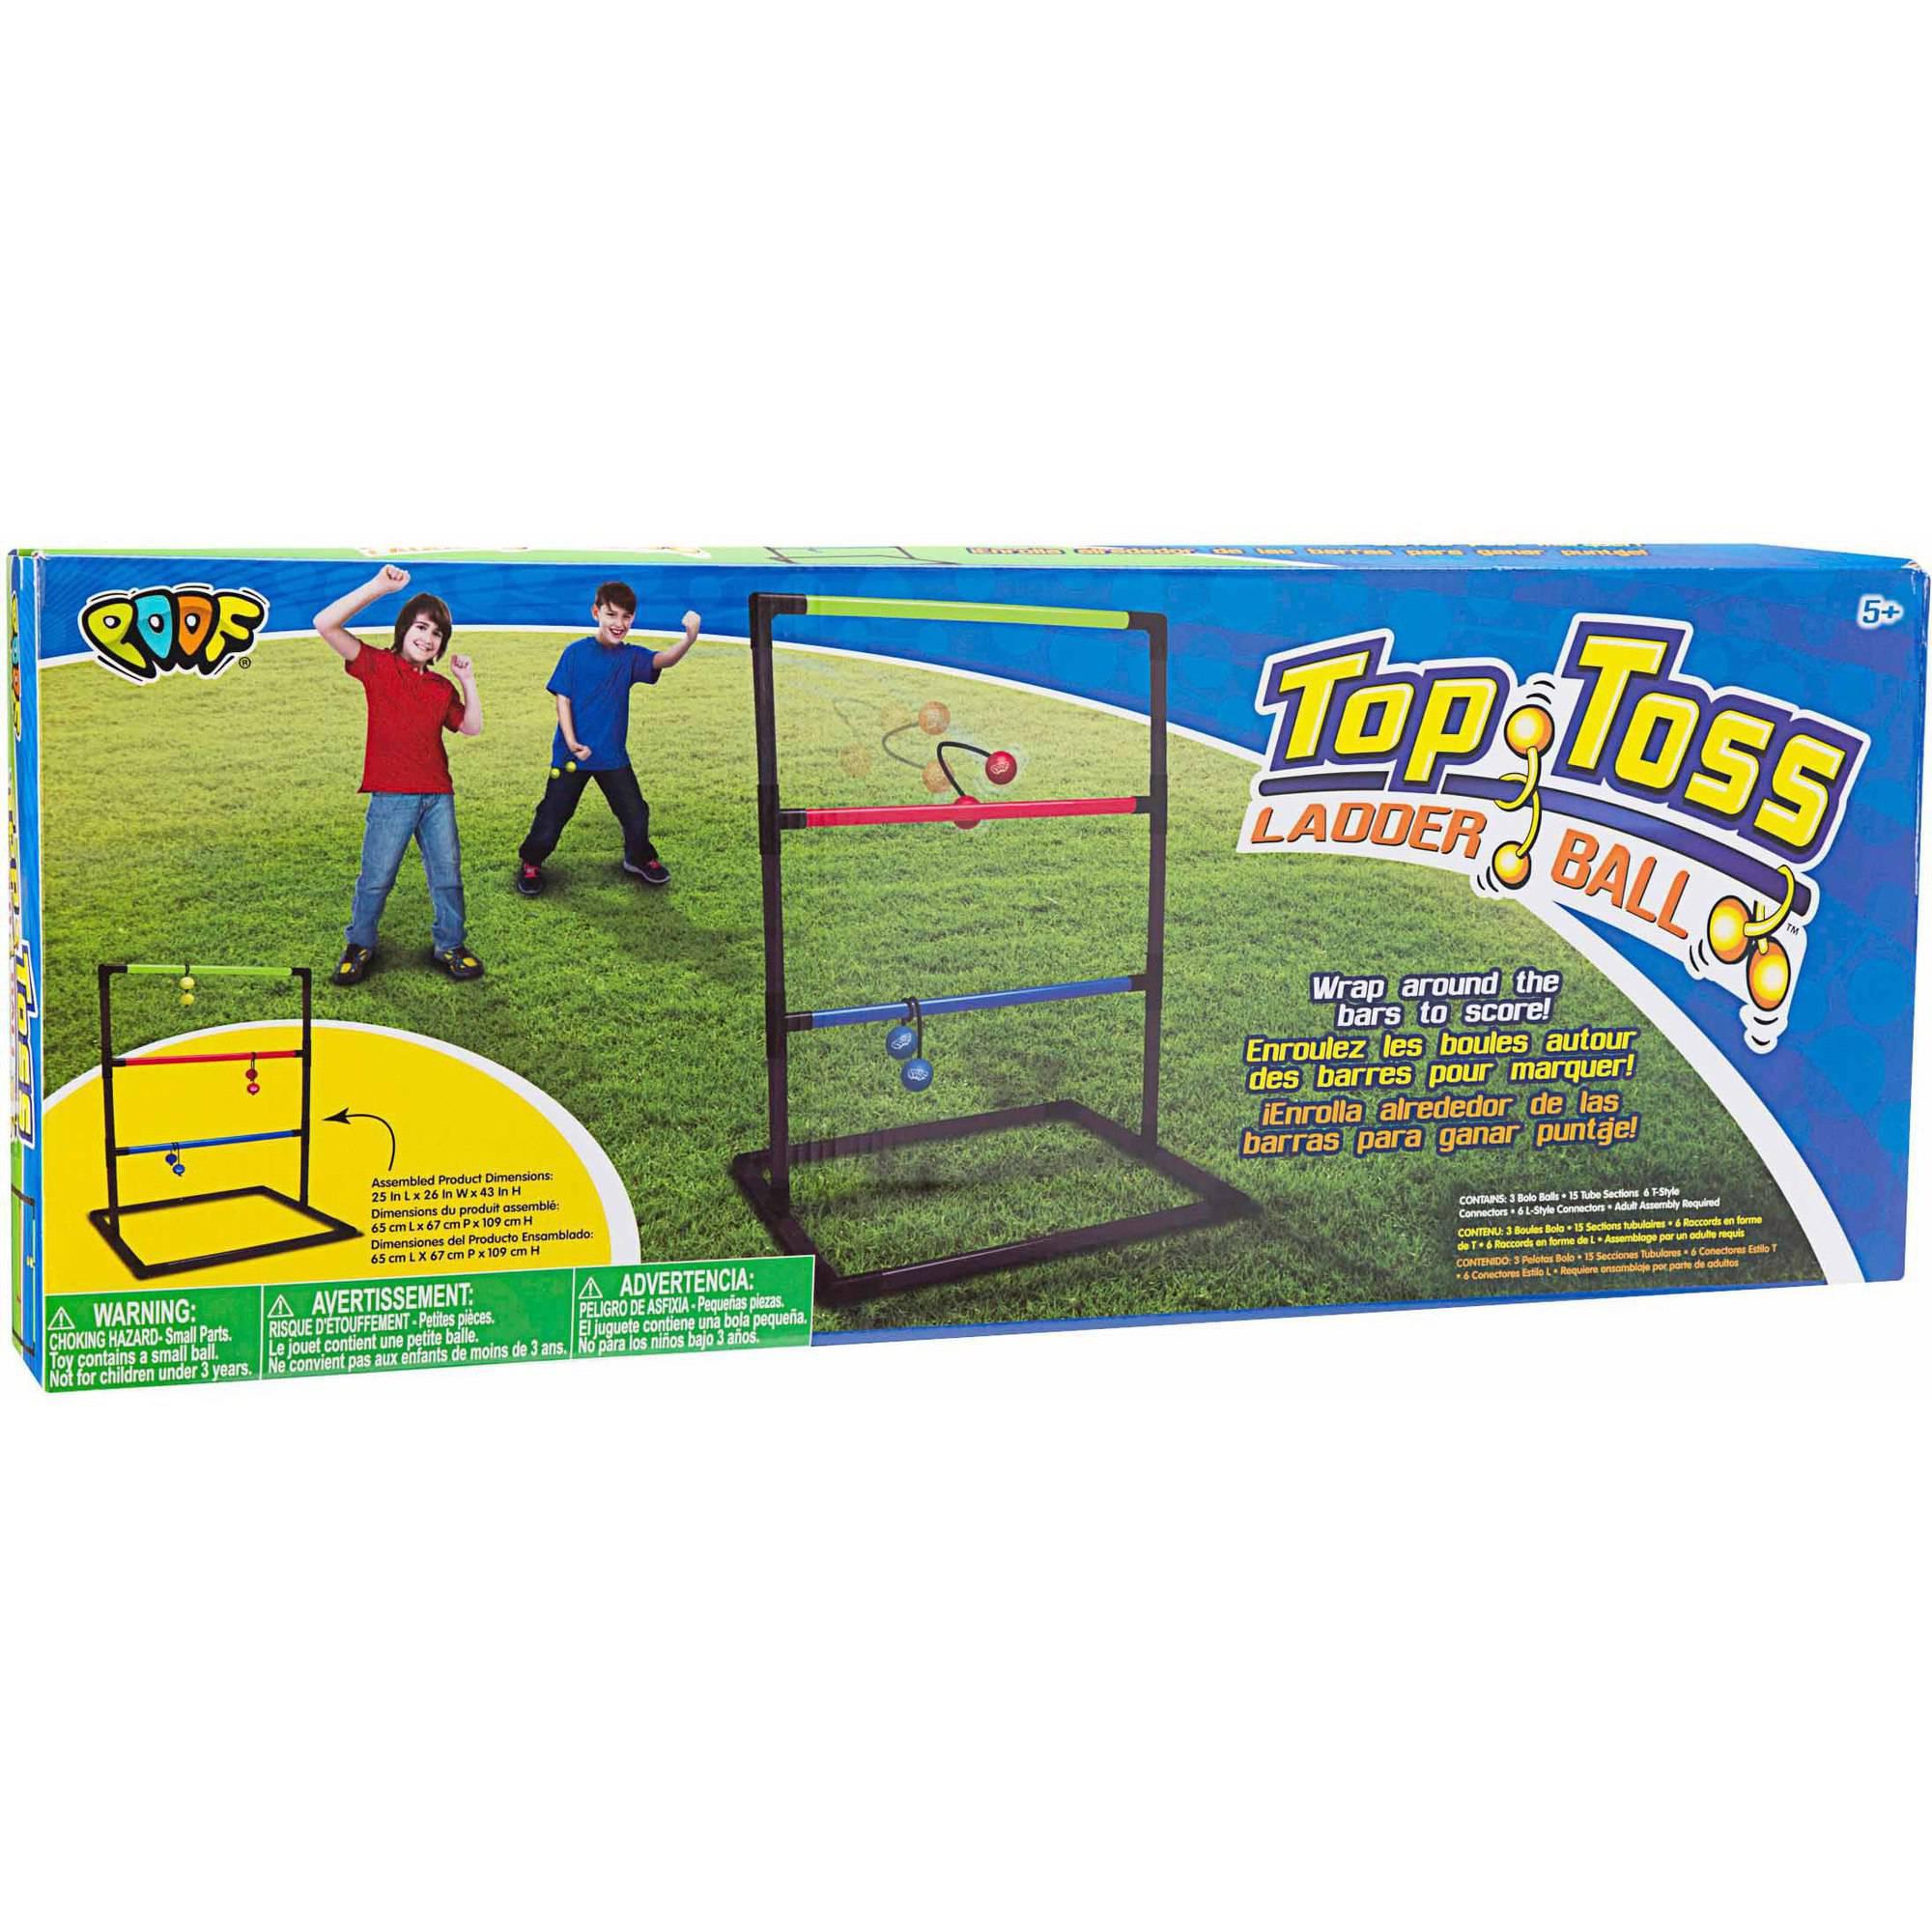 POOF Top Toss Ladder Ball